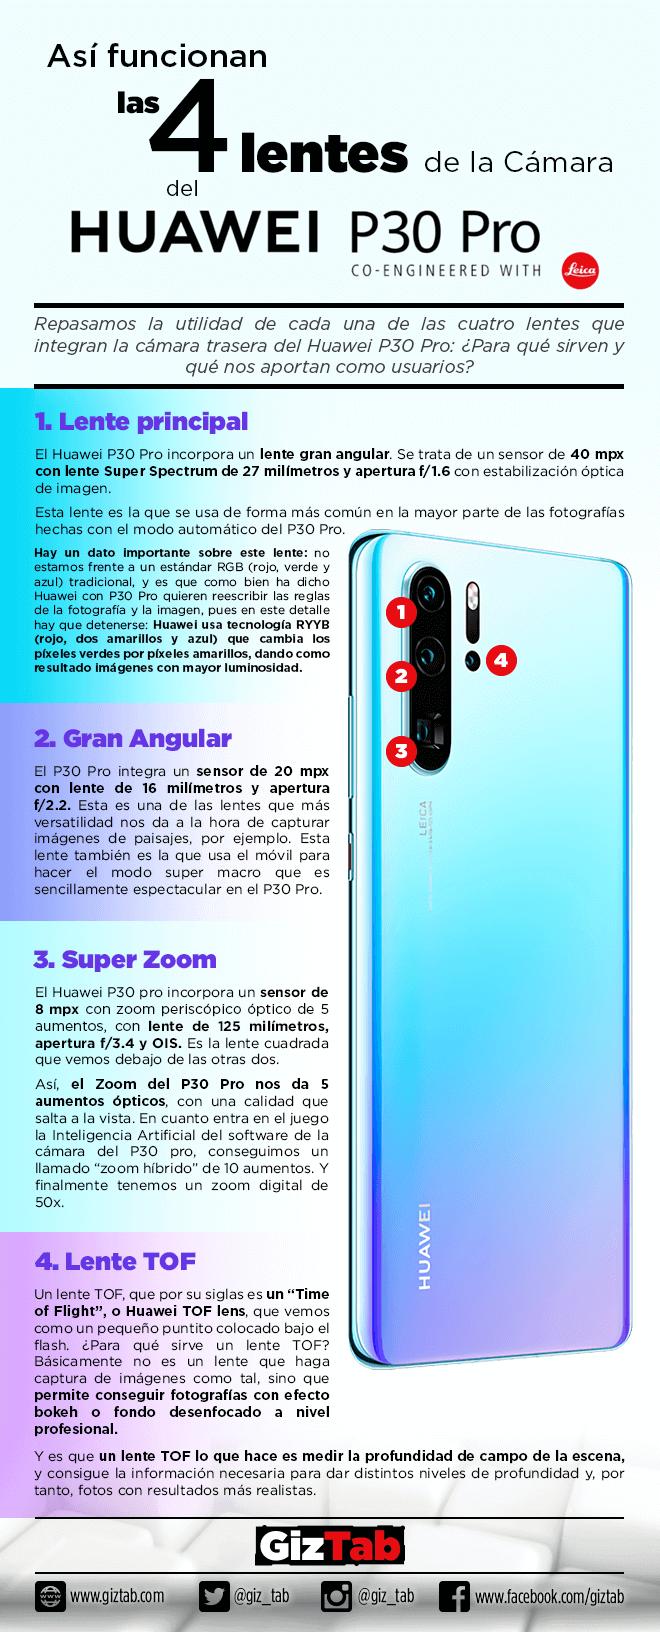 Infografía sobre el funcionamiento de las cuatro lentes del Huawei P30 PRO